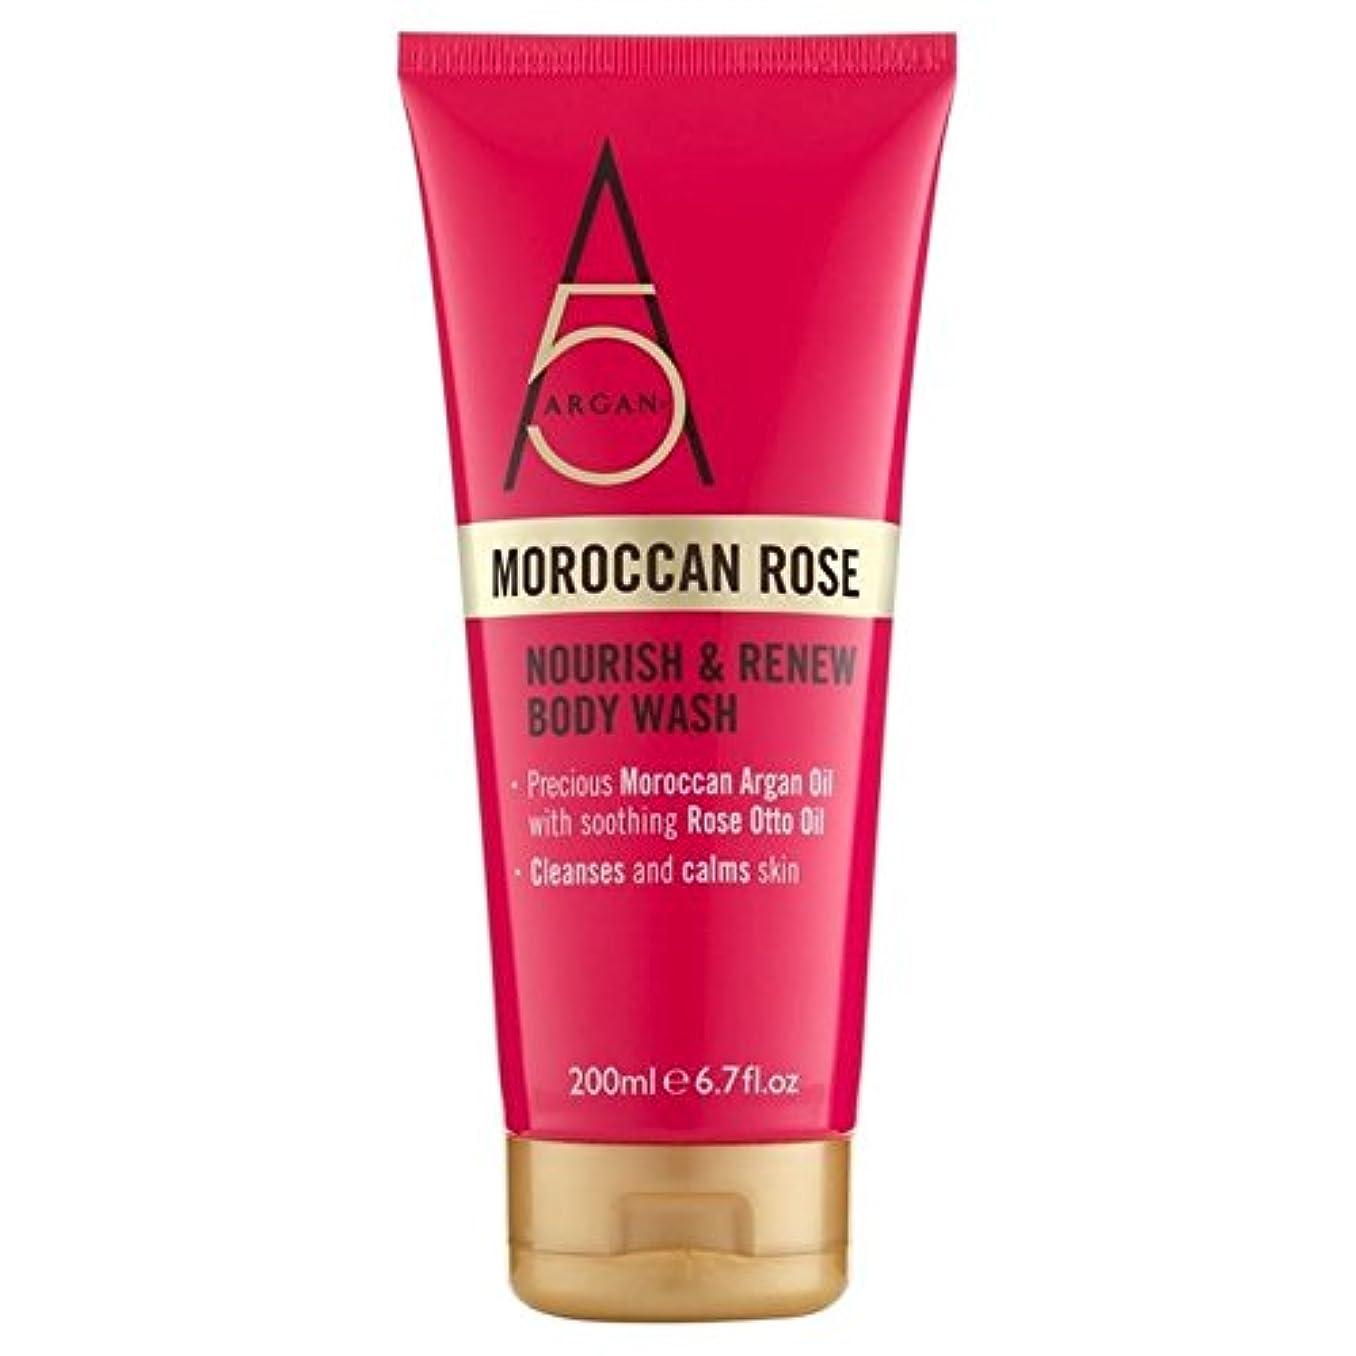 水素勤勉な遊びますアルガン+モロッコは、ボディウォッシュ300ミリリットルをバラ x2 - Argan+ Moroccan Rose Body Wash 300ml (Pack of 2) [並行輸入品]